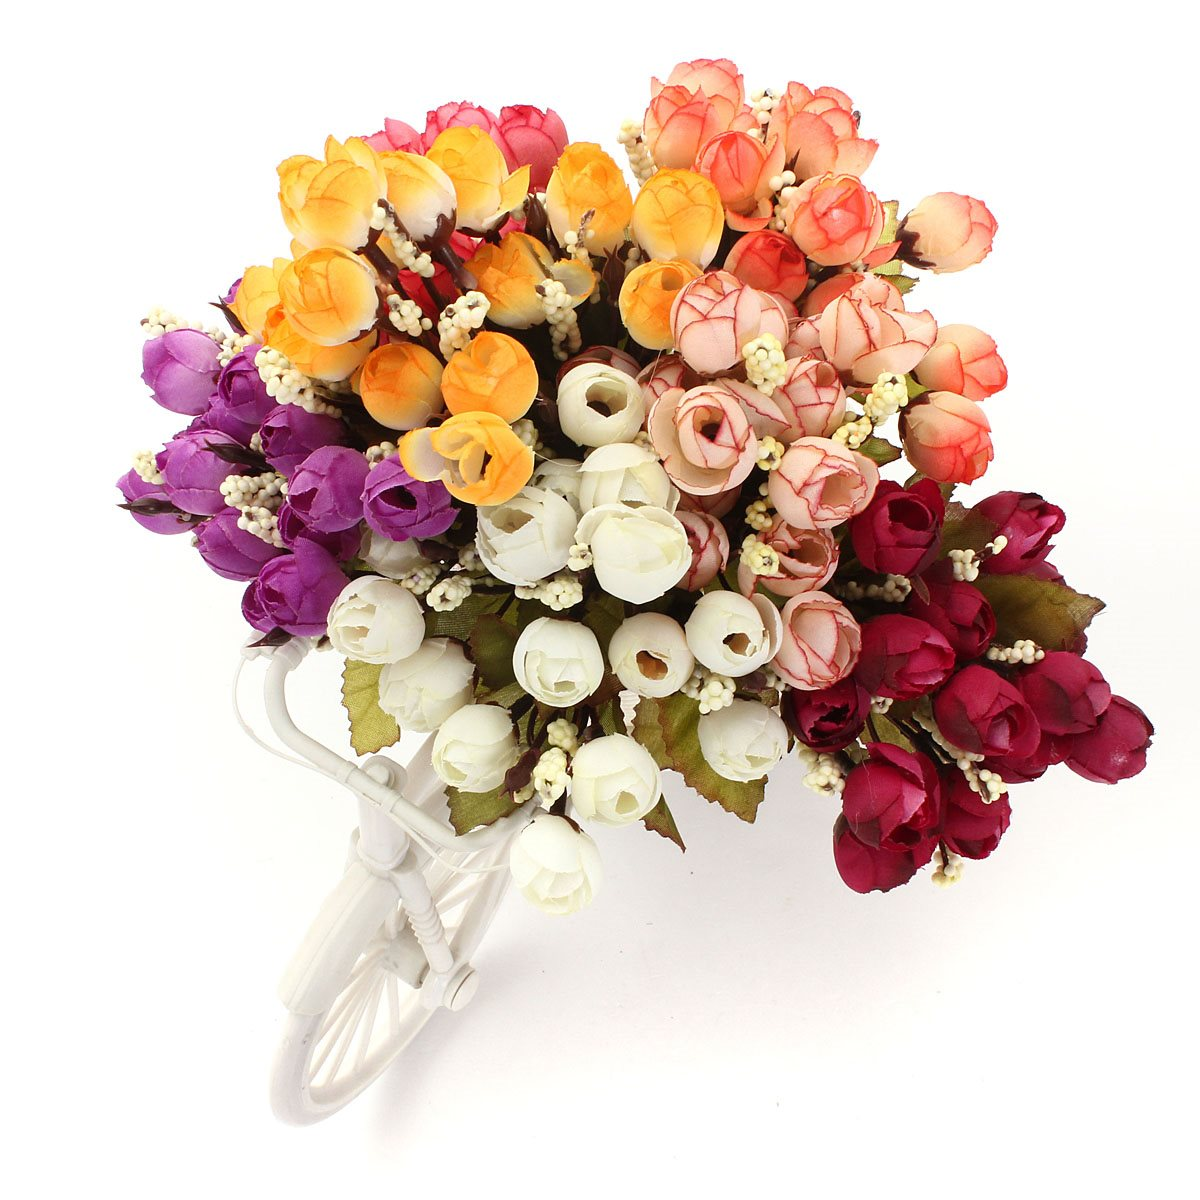 Home Wedding Party Bridal Decor 1 Bouquet Artificial Rose Silk 15